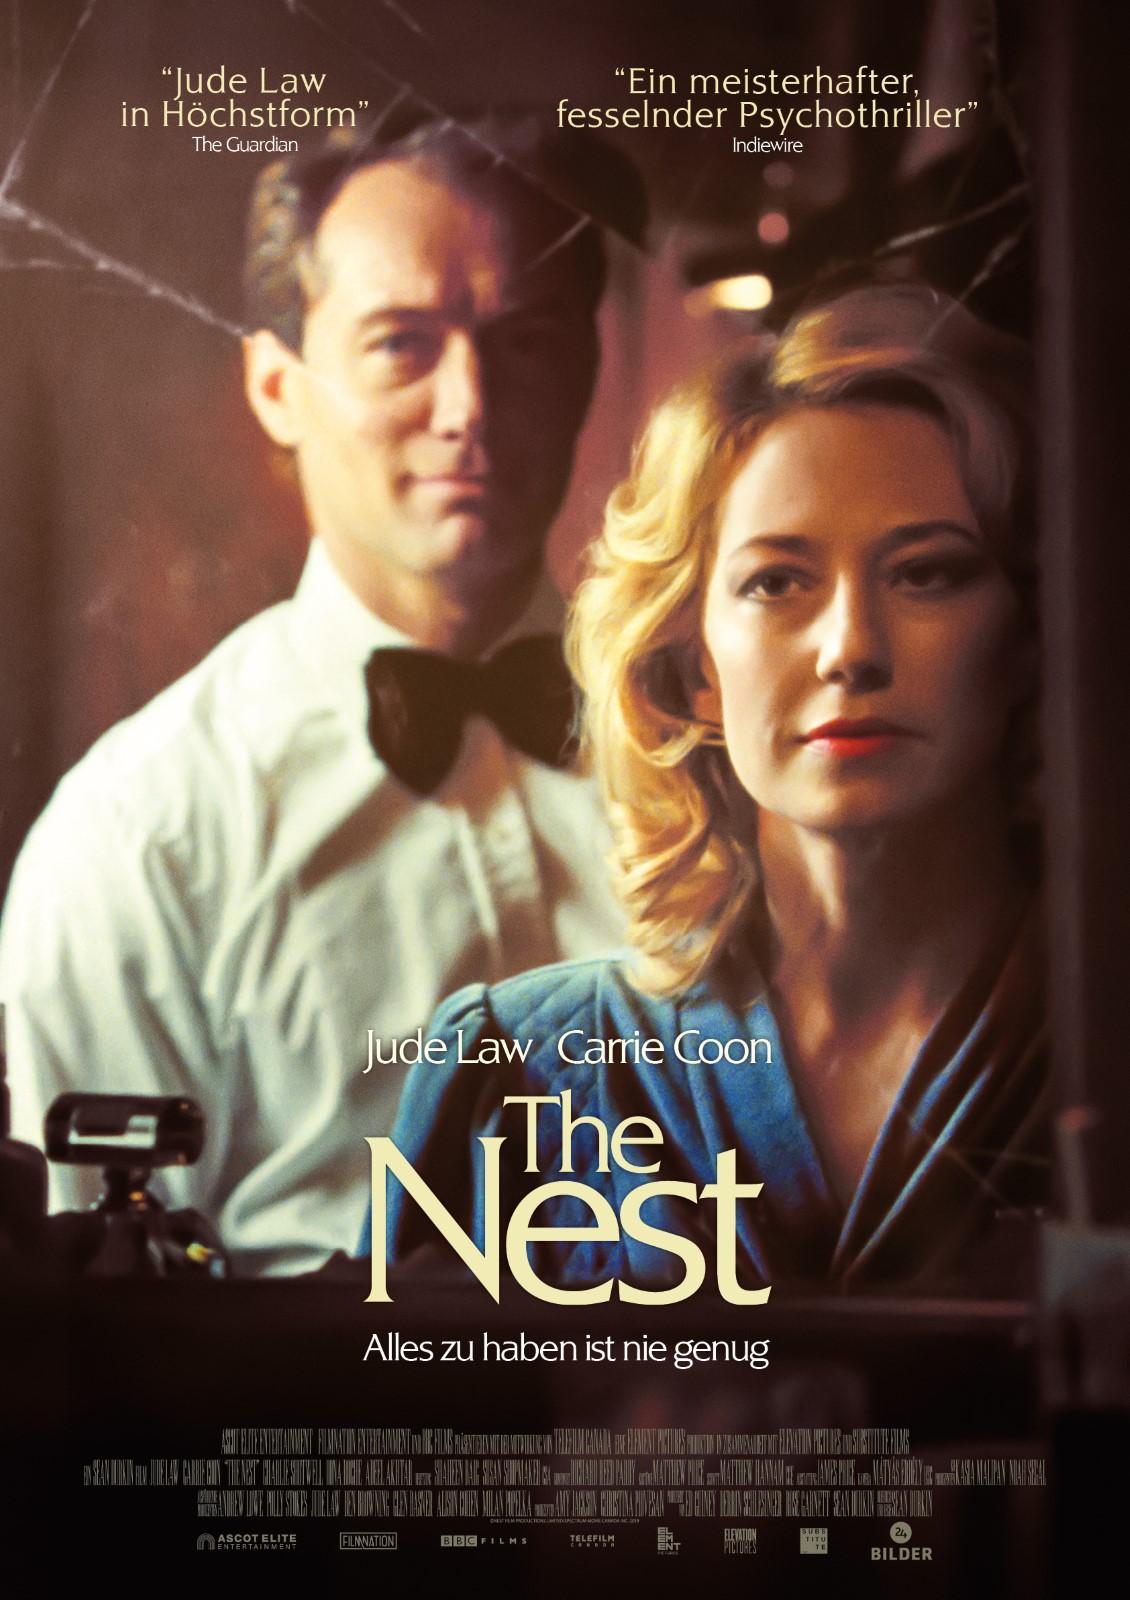 Poster The Nest - Alles zu haben ist nie genug